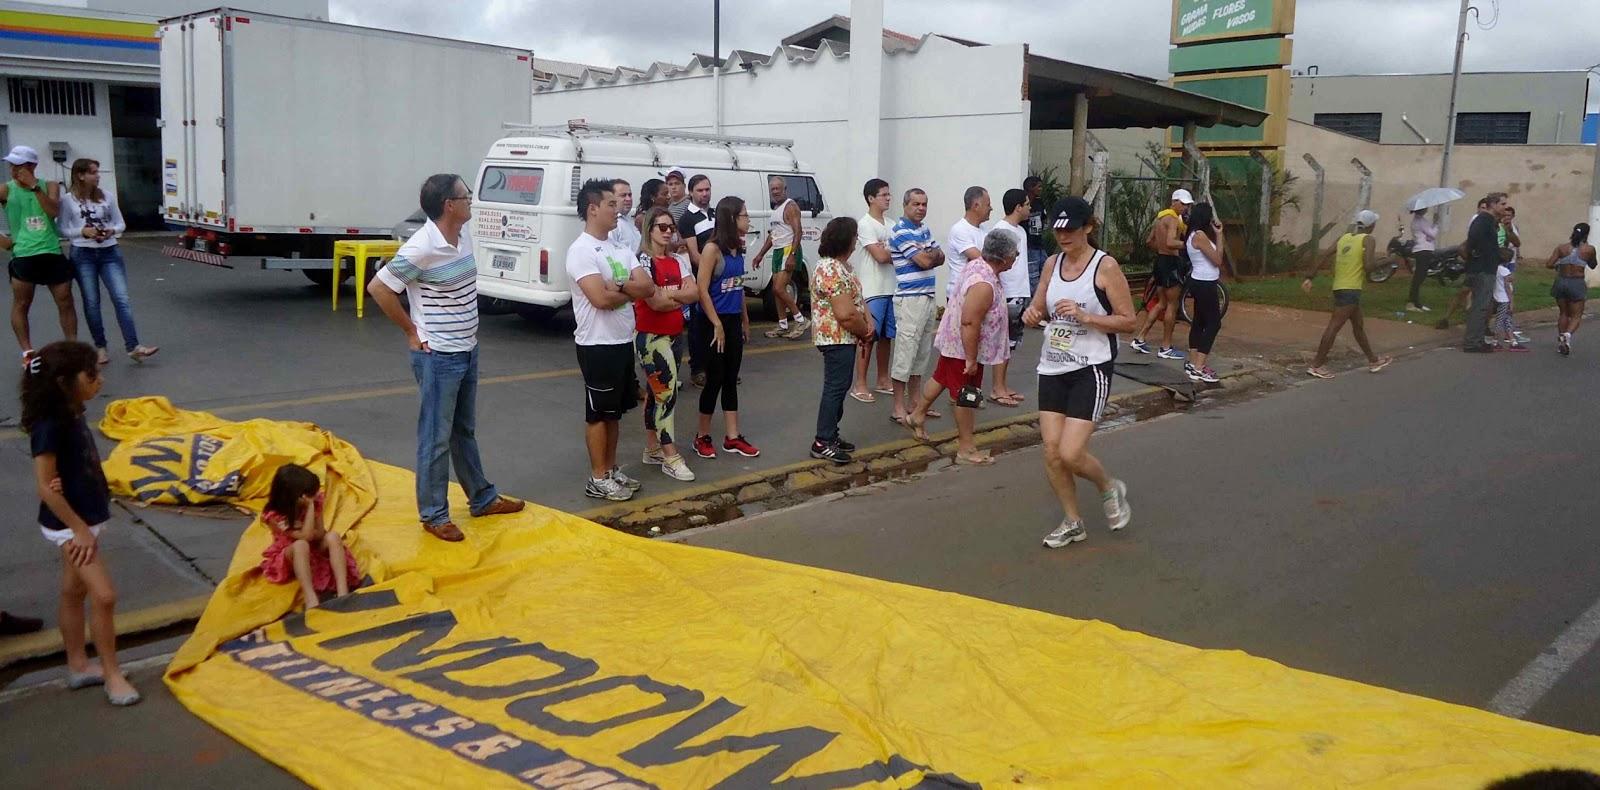 Foto 142 da 1ª Corrida Av. dos Coqueiros em Barretos-SP 14/04/2013 – Atletas cruzando a linha de chegada